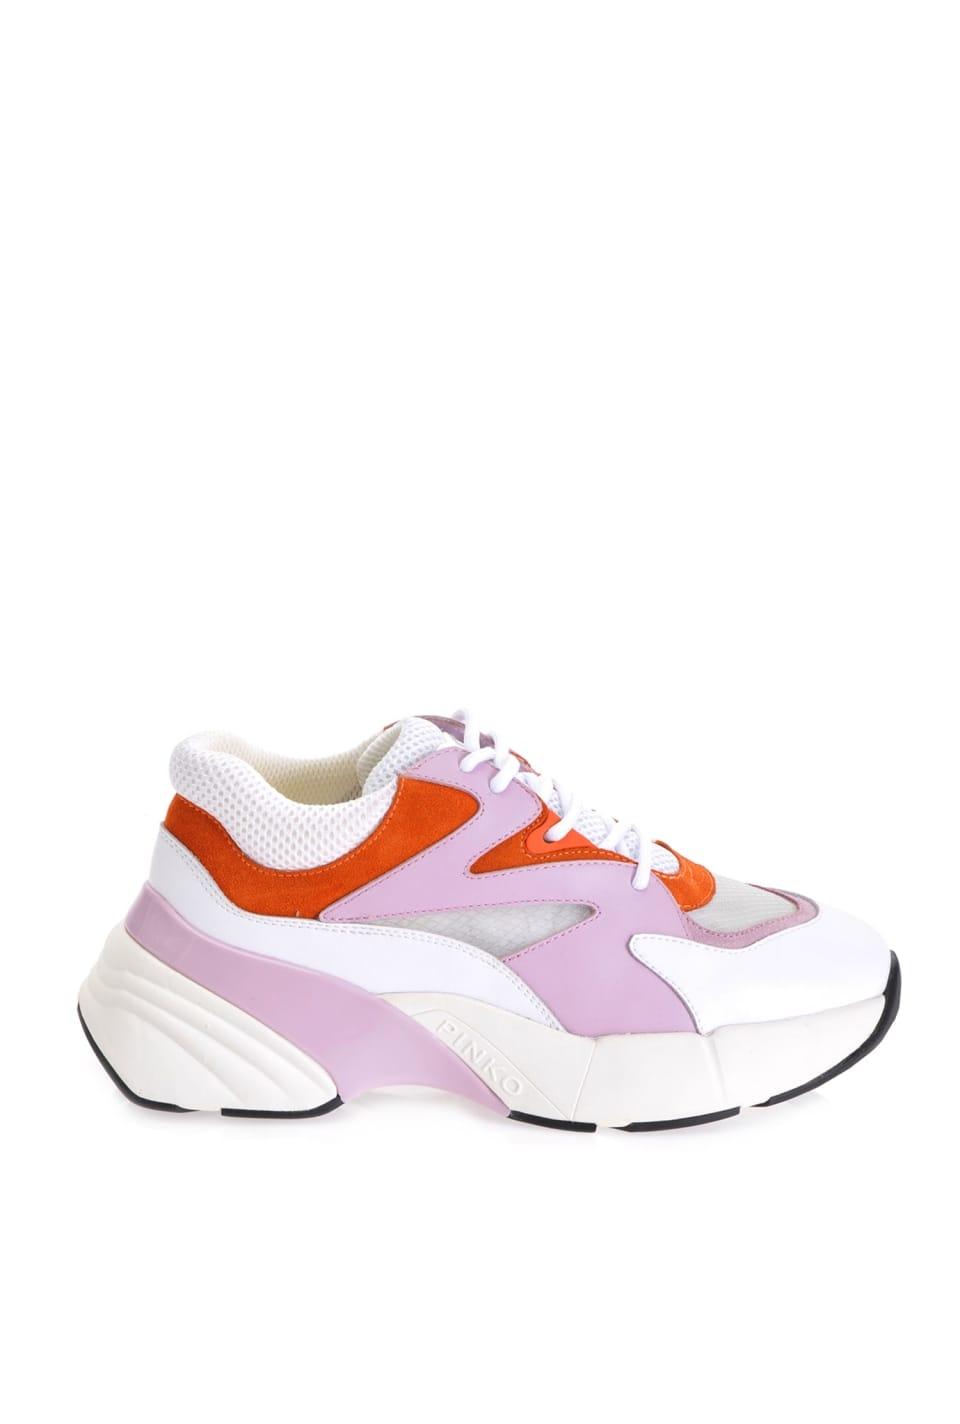 超大皮革运动鞋